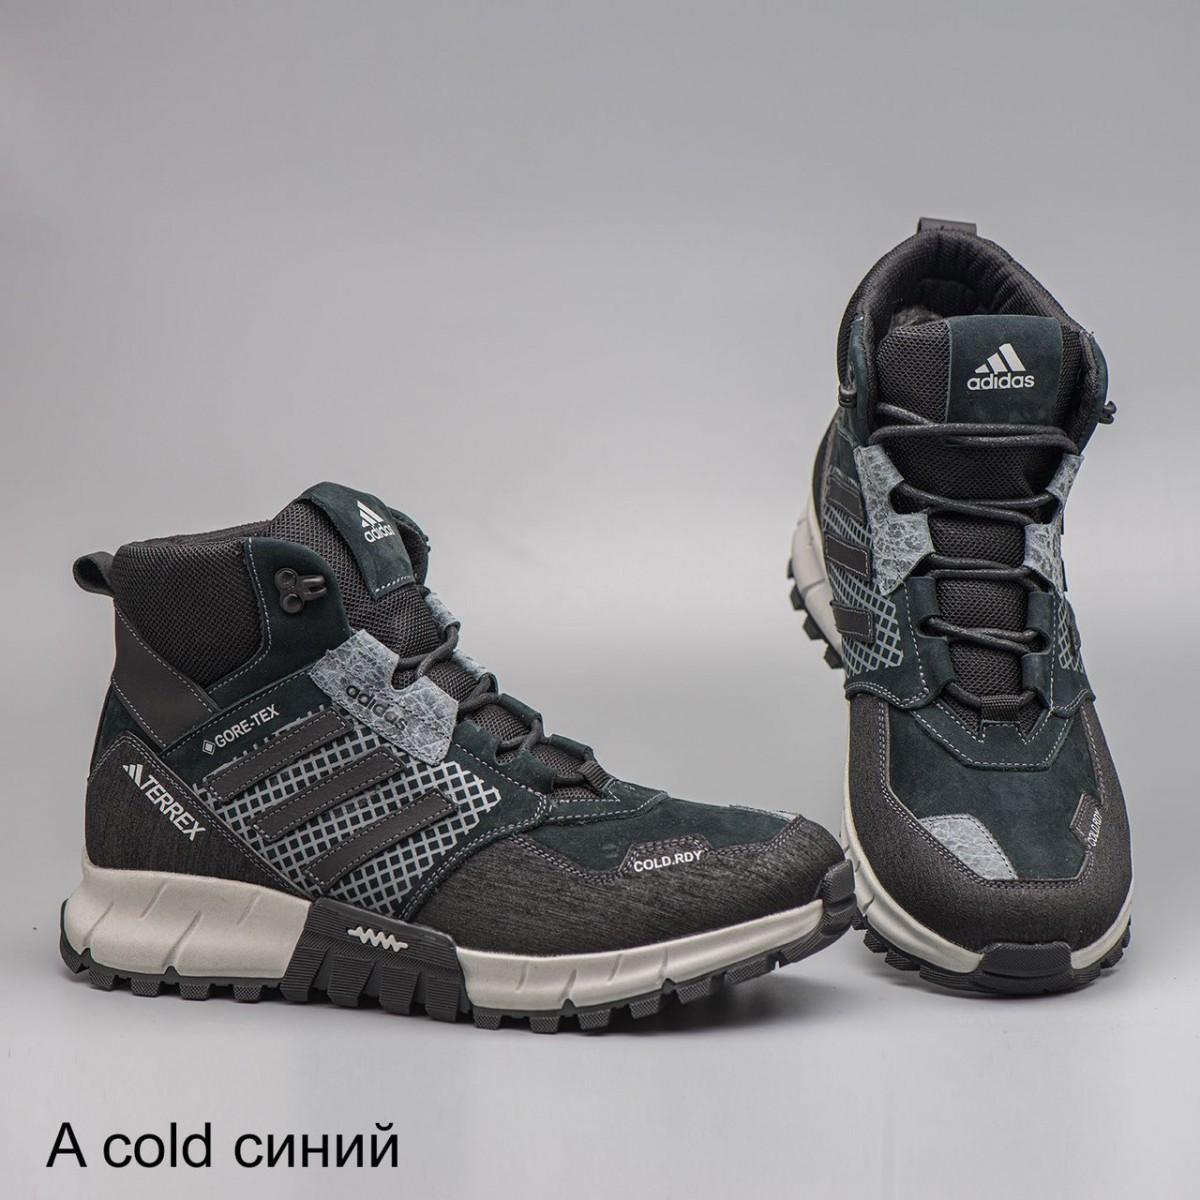 Зимние кожаные ботинки кроссовки на меху Adidas Polar Ranger Denim